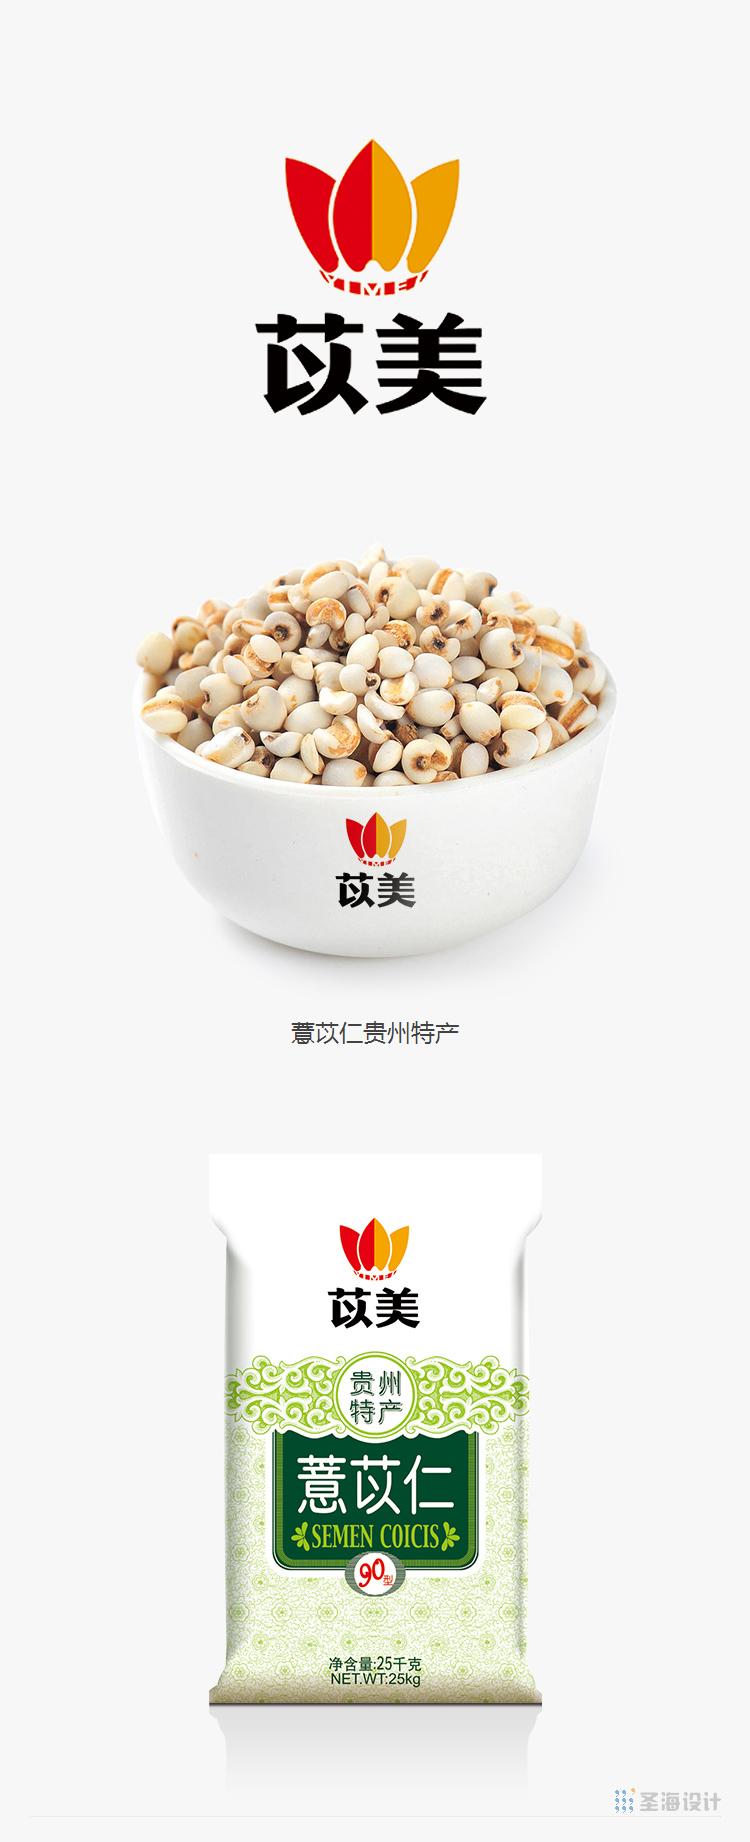 苡美/薏苡仁贵州特产/杭州包装设计/贵州包装设计/圣海包装设计